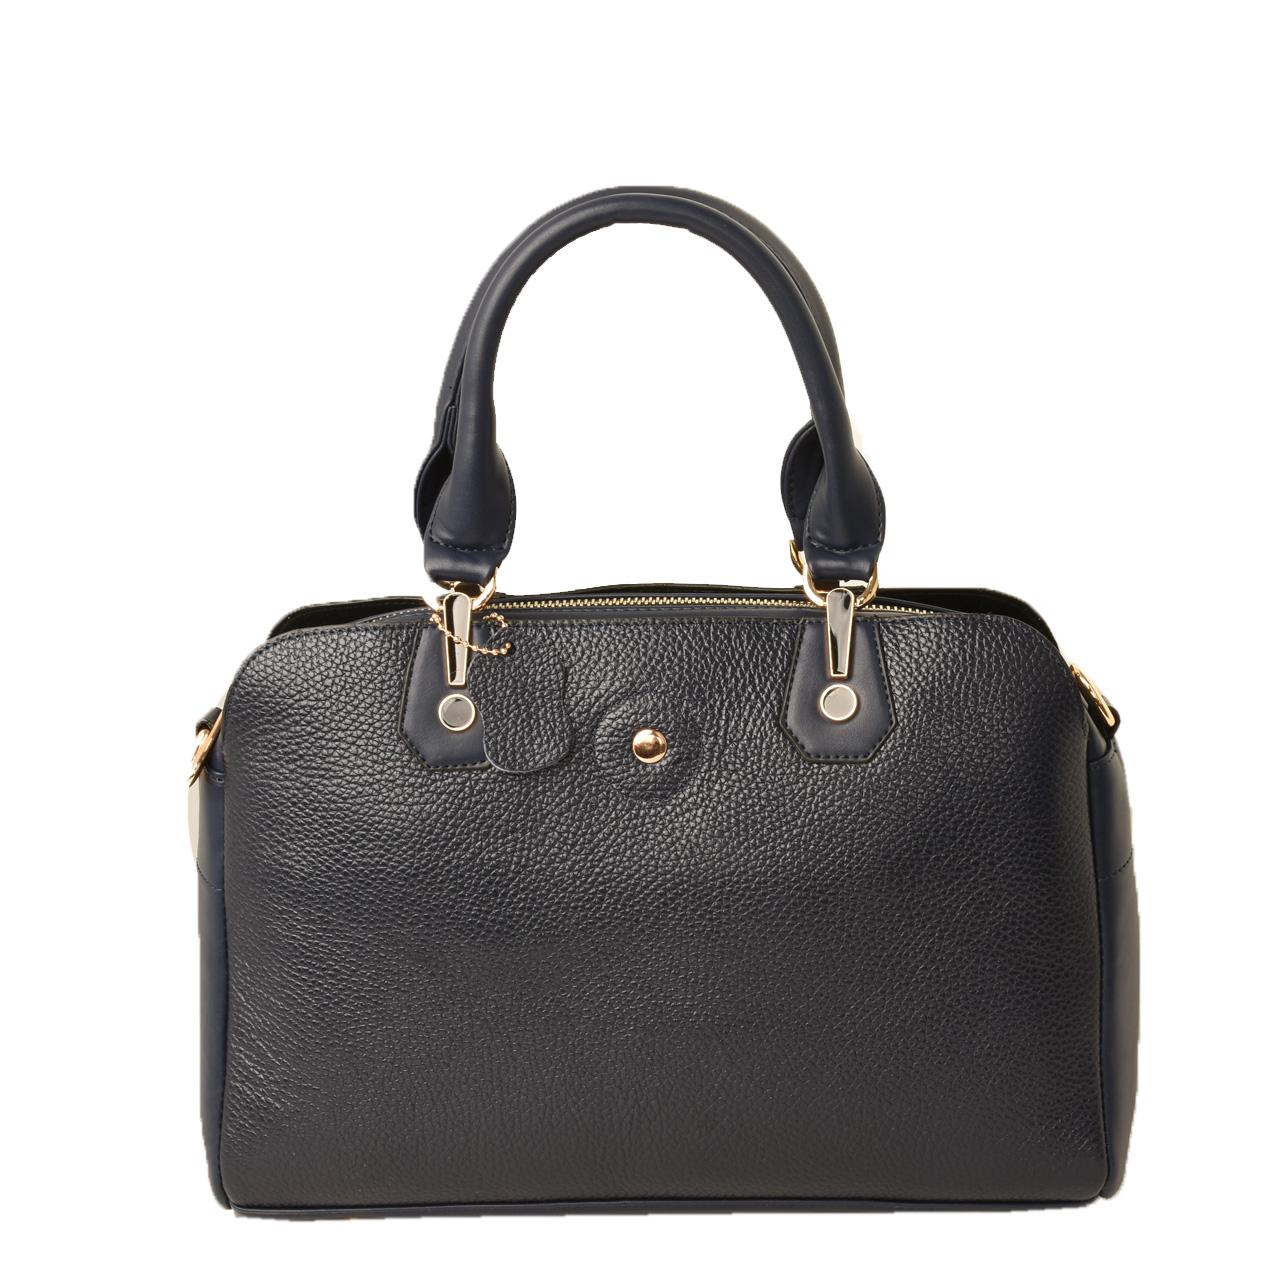 کیف دستی زنانه پارینه مدل PLV149-11-1572